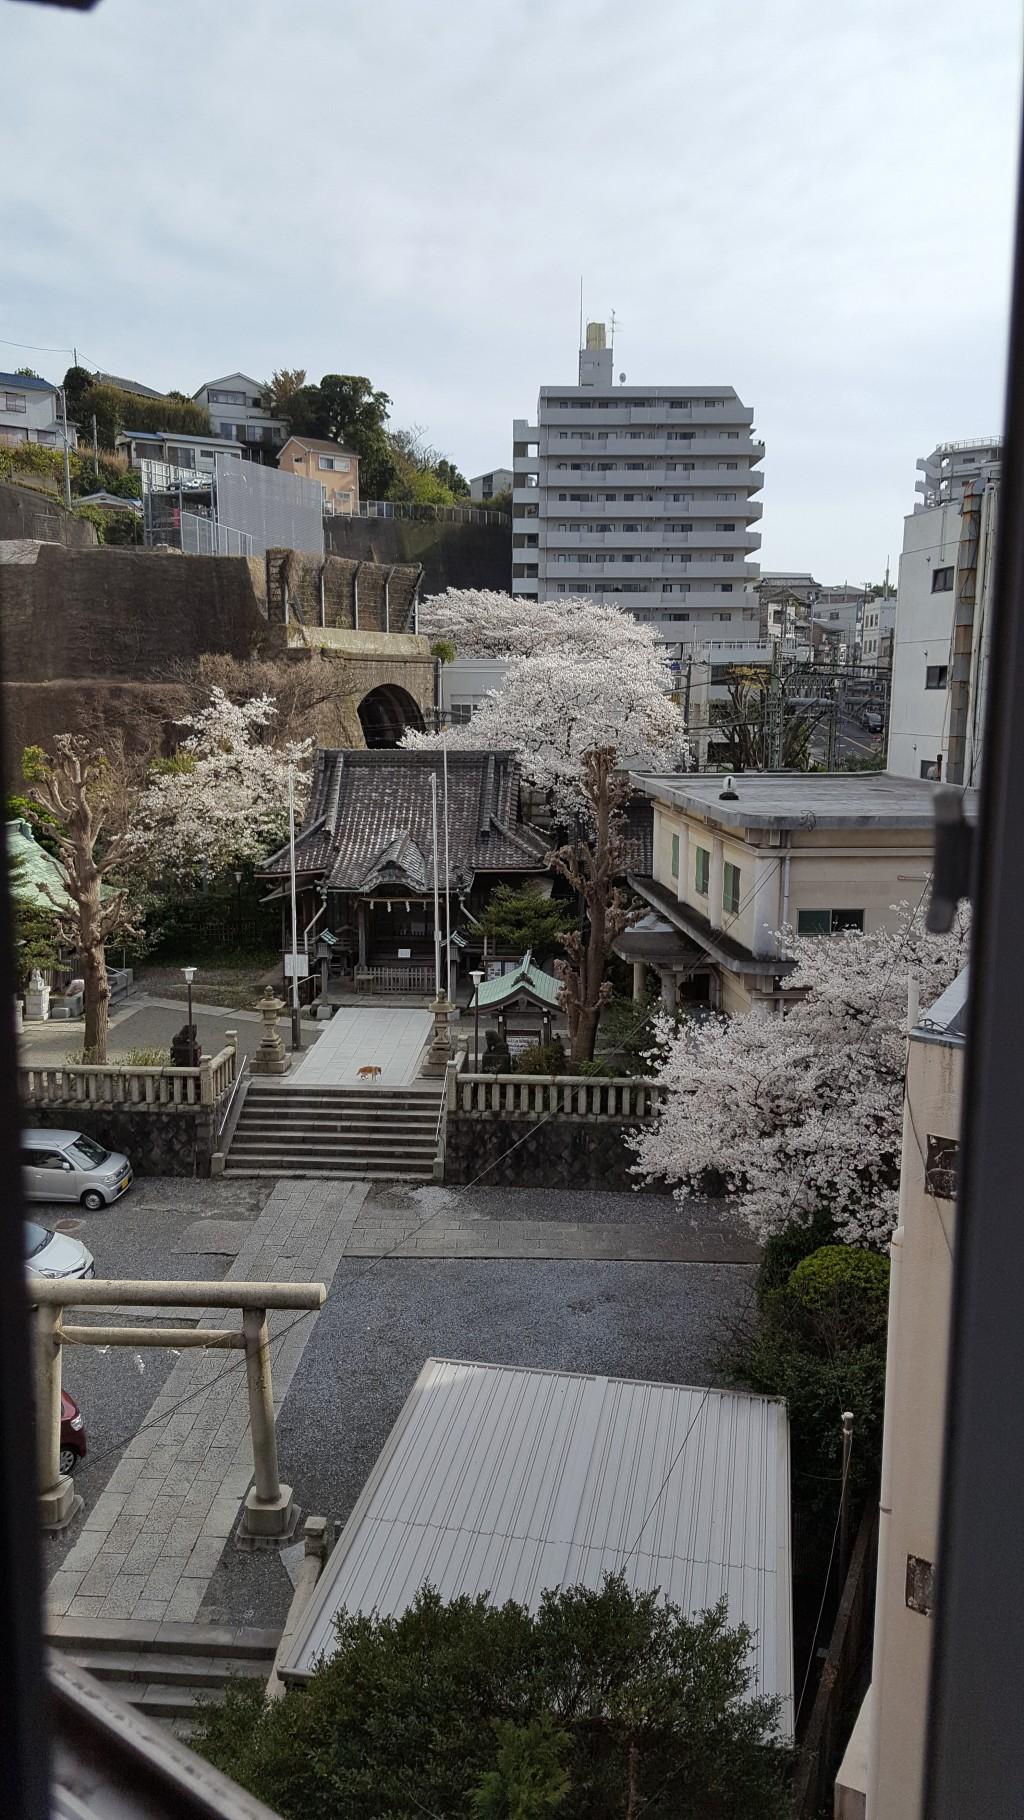 換気のため開けている窓からお隣の諏訪神社の桜が見えます。